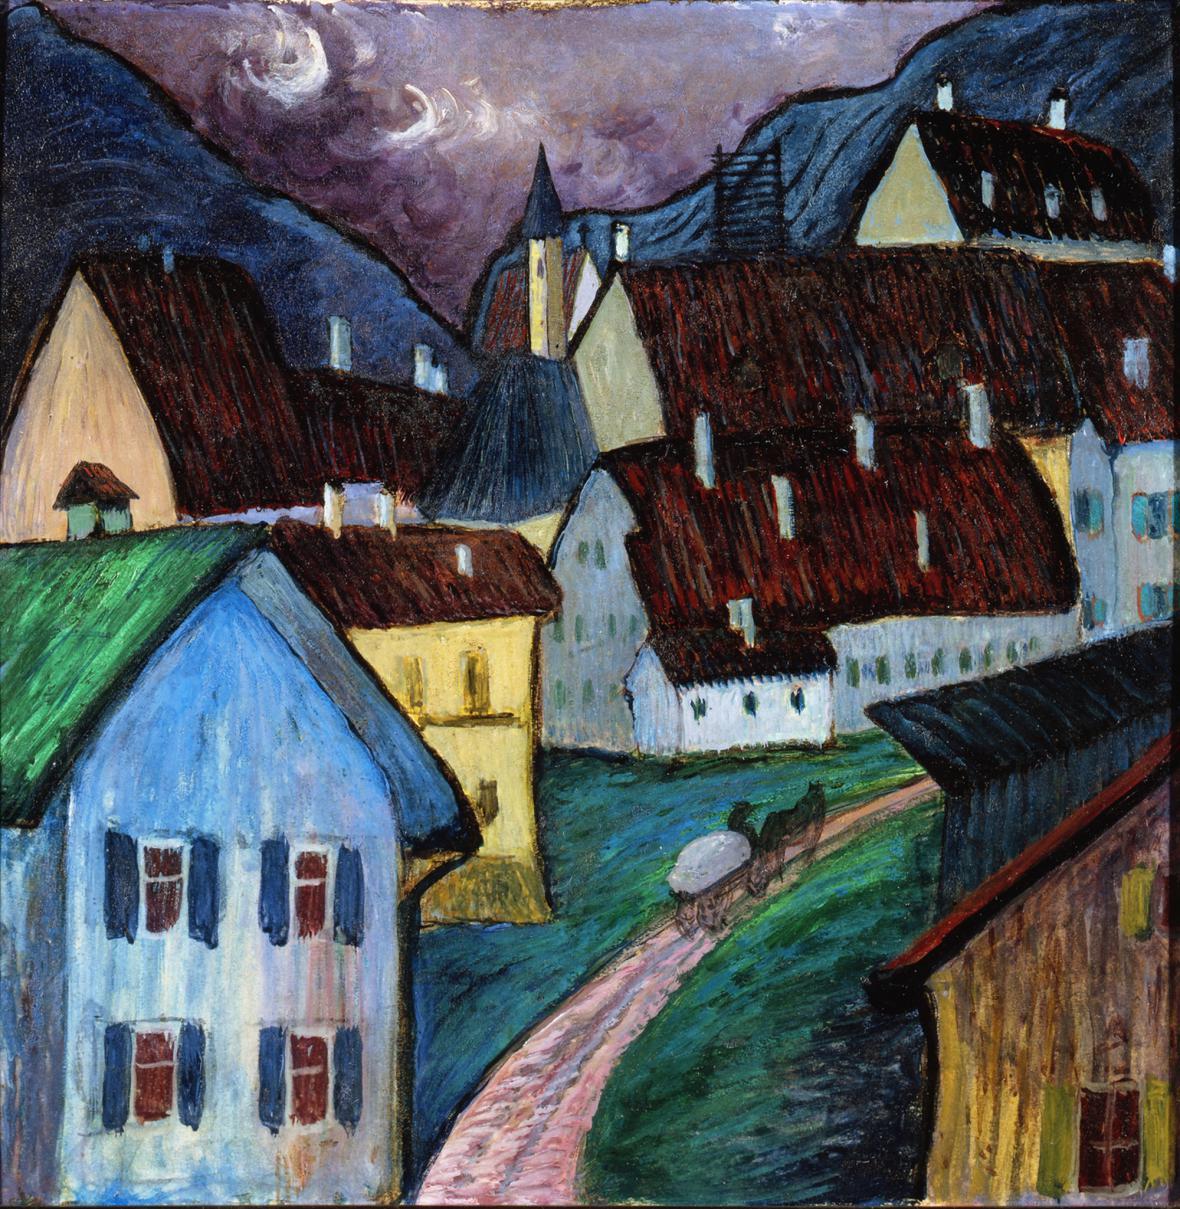 Marianne von Werefkin / Večeře v Murnau, 1910